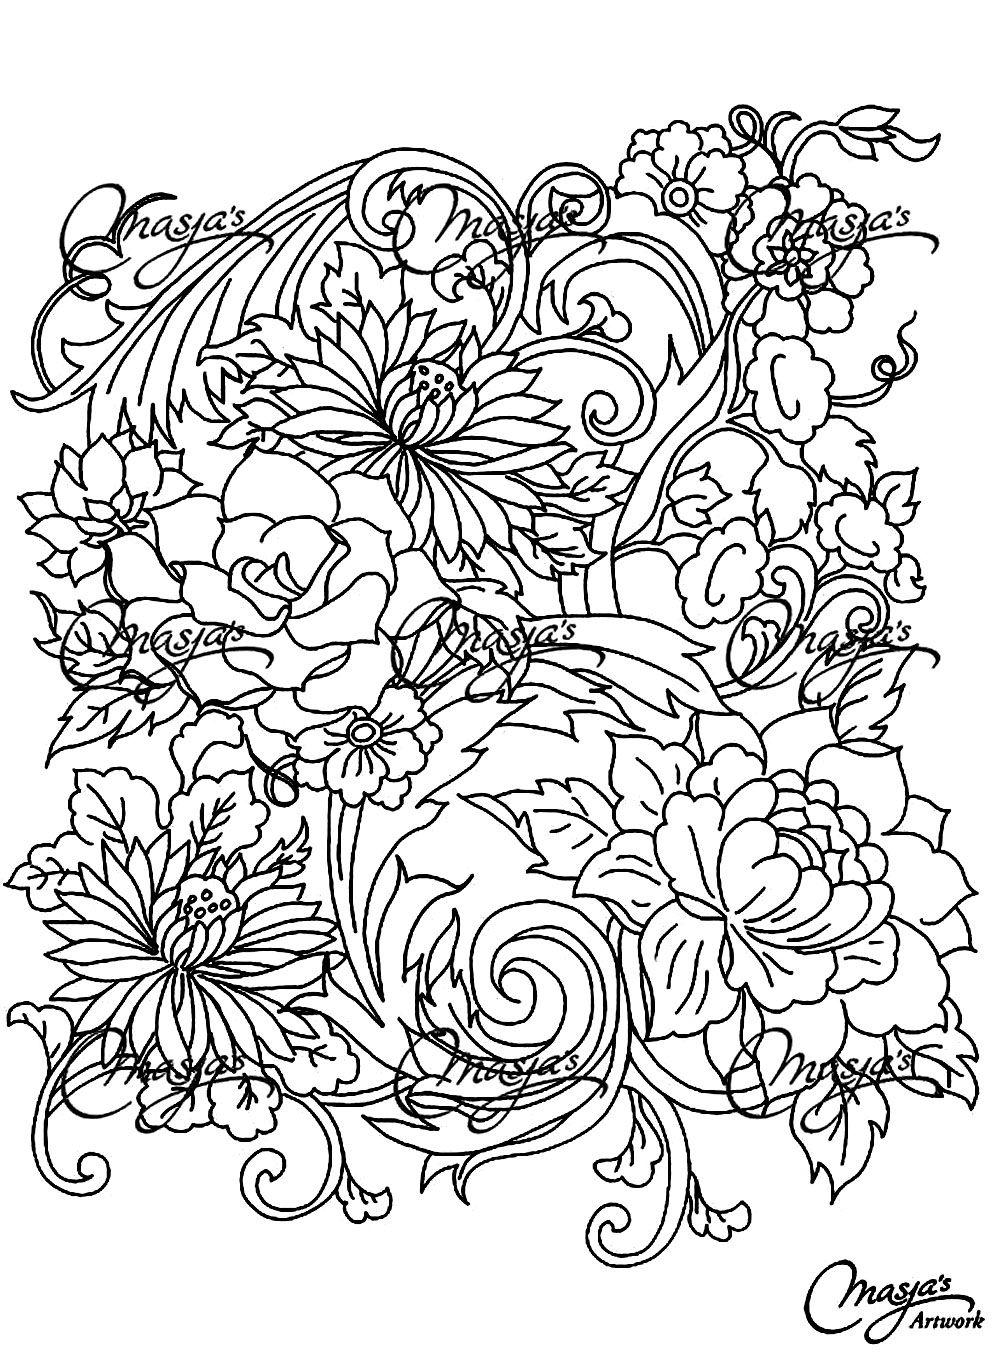 Galerie de coloriages gratuits coloriage adulte fleurs - Fleur a imprimer gratuit ...